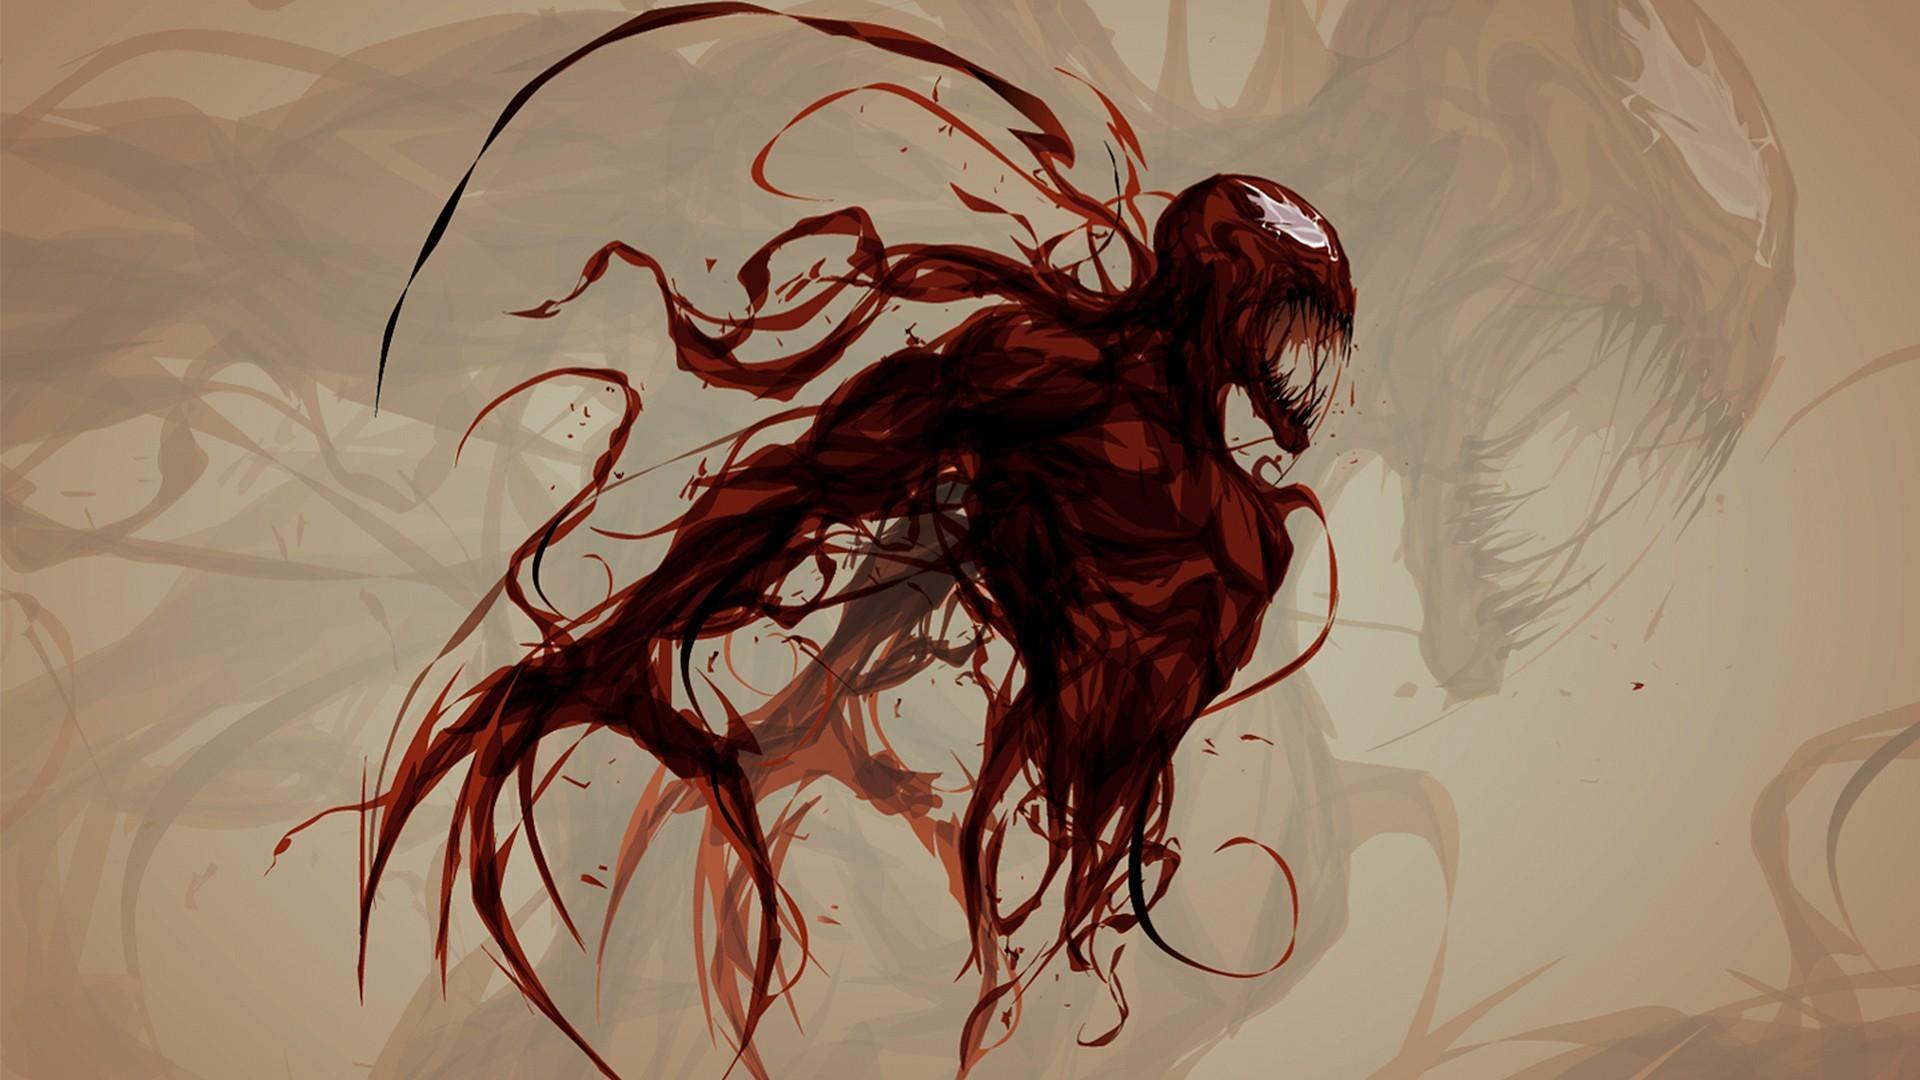 1920x1080 Carnage Vs Anti Venom